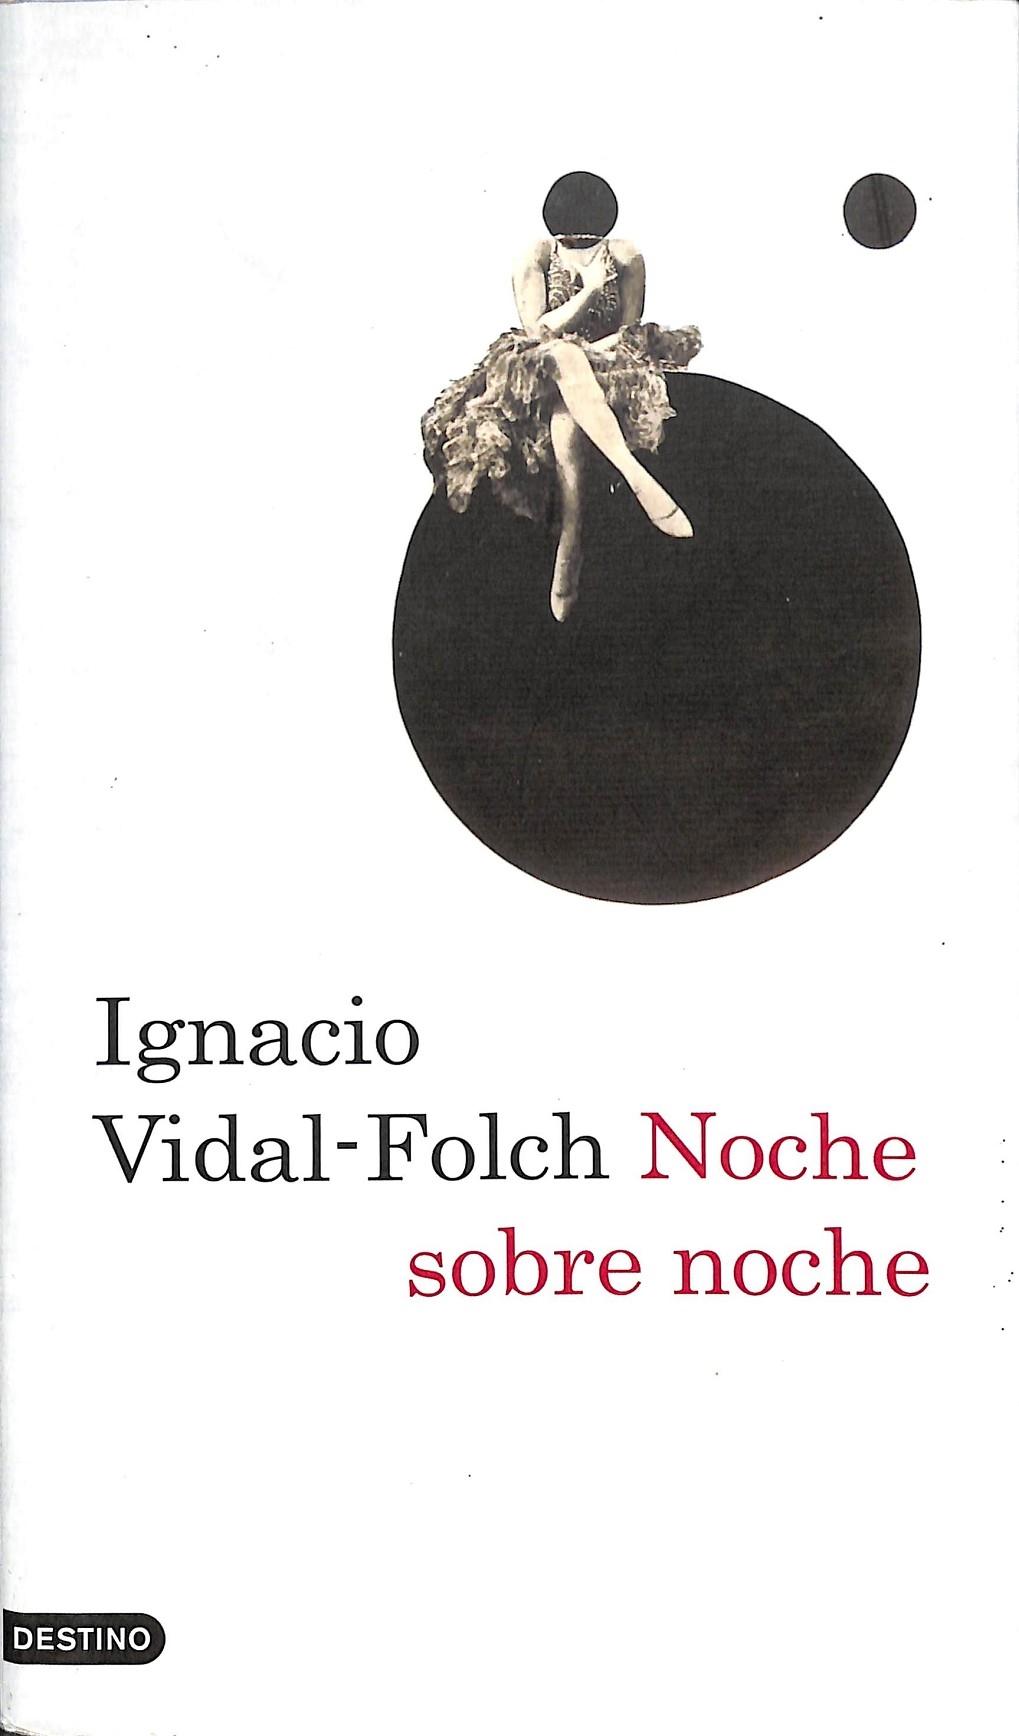 NOCHE SOBRE NOCHE. - VIDAL-FOLCH, IGNACIO